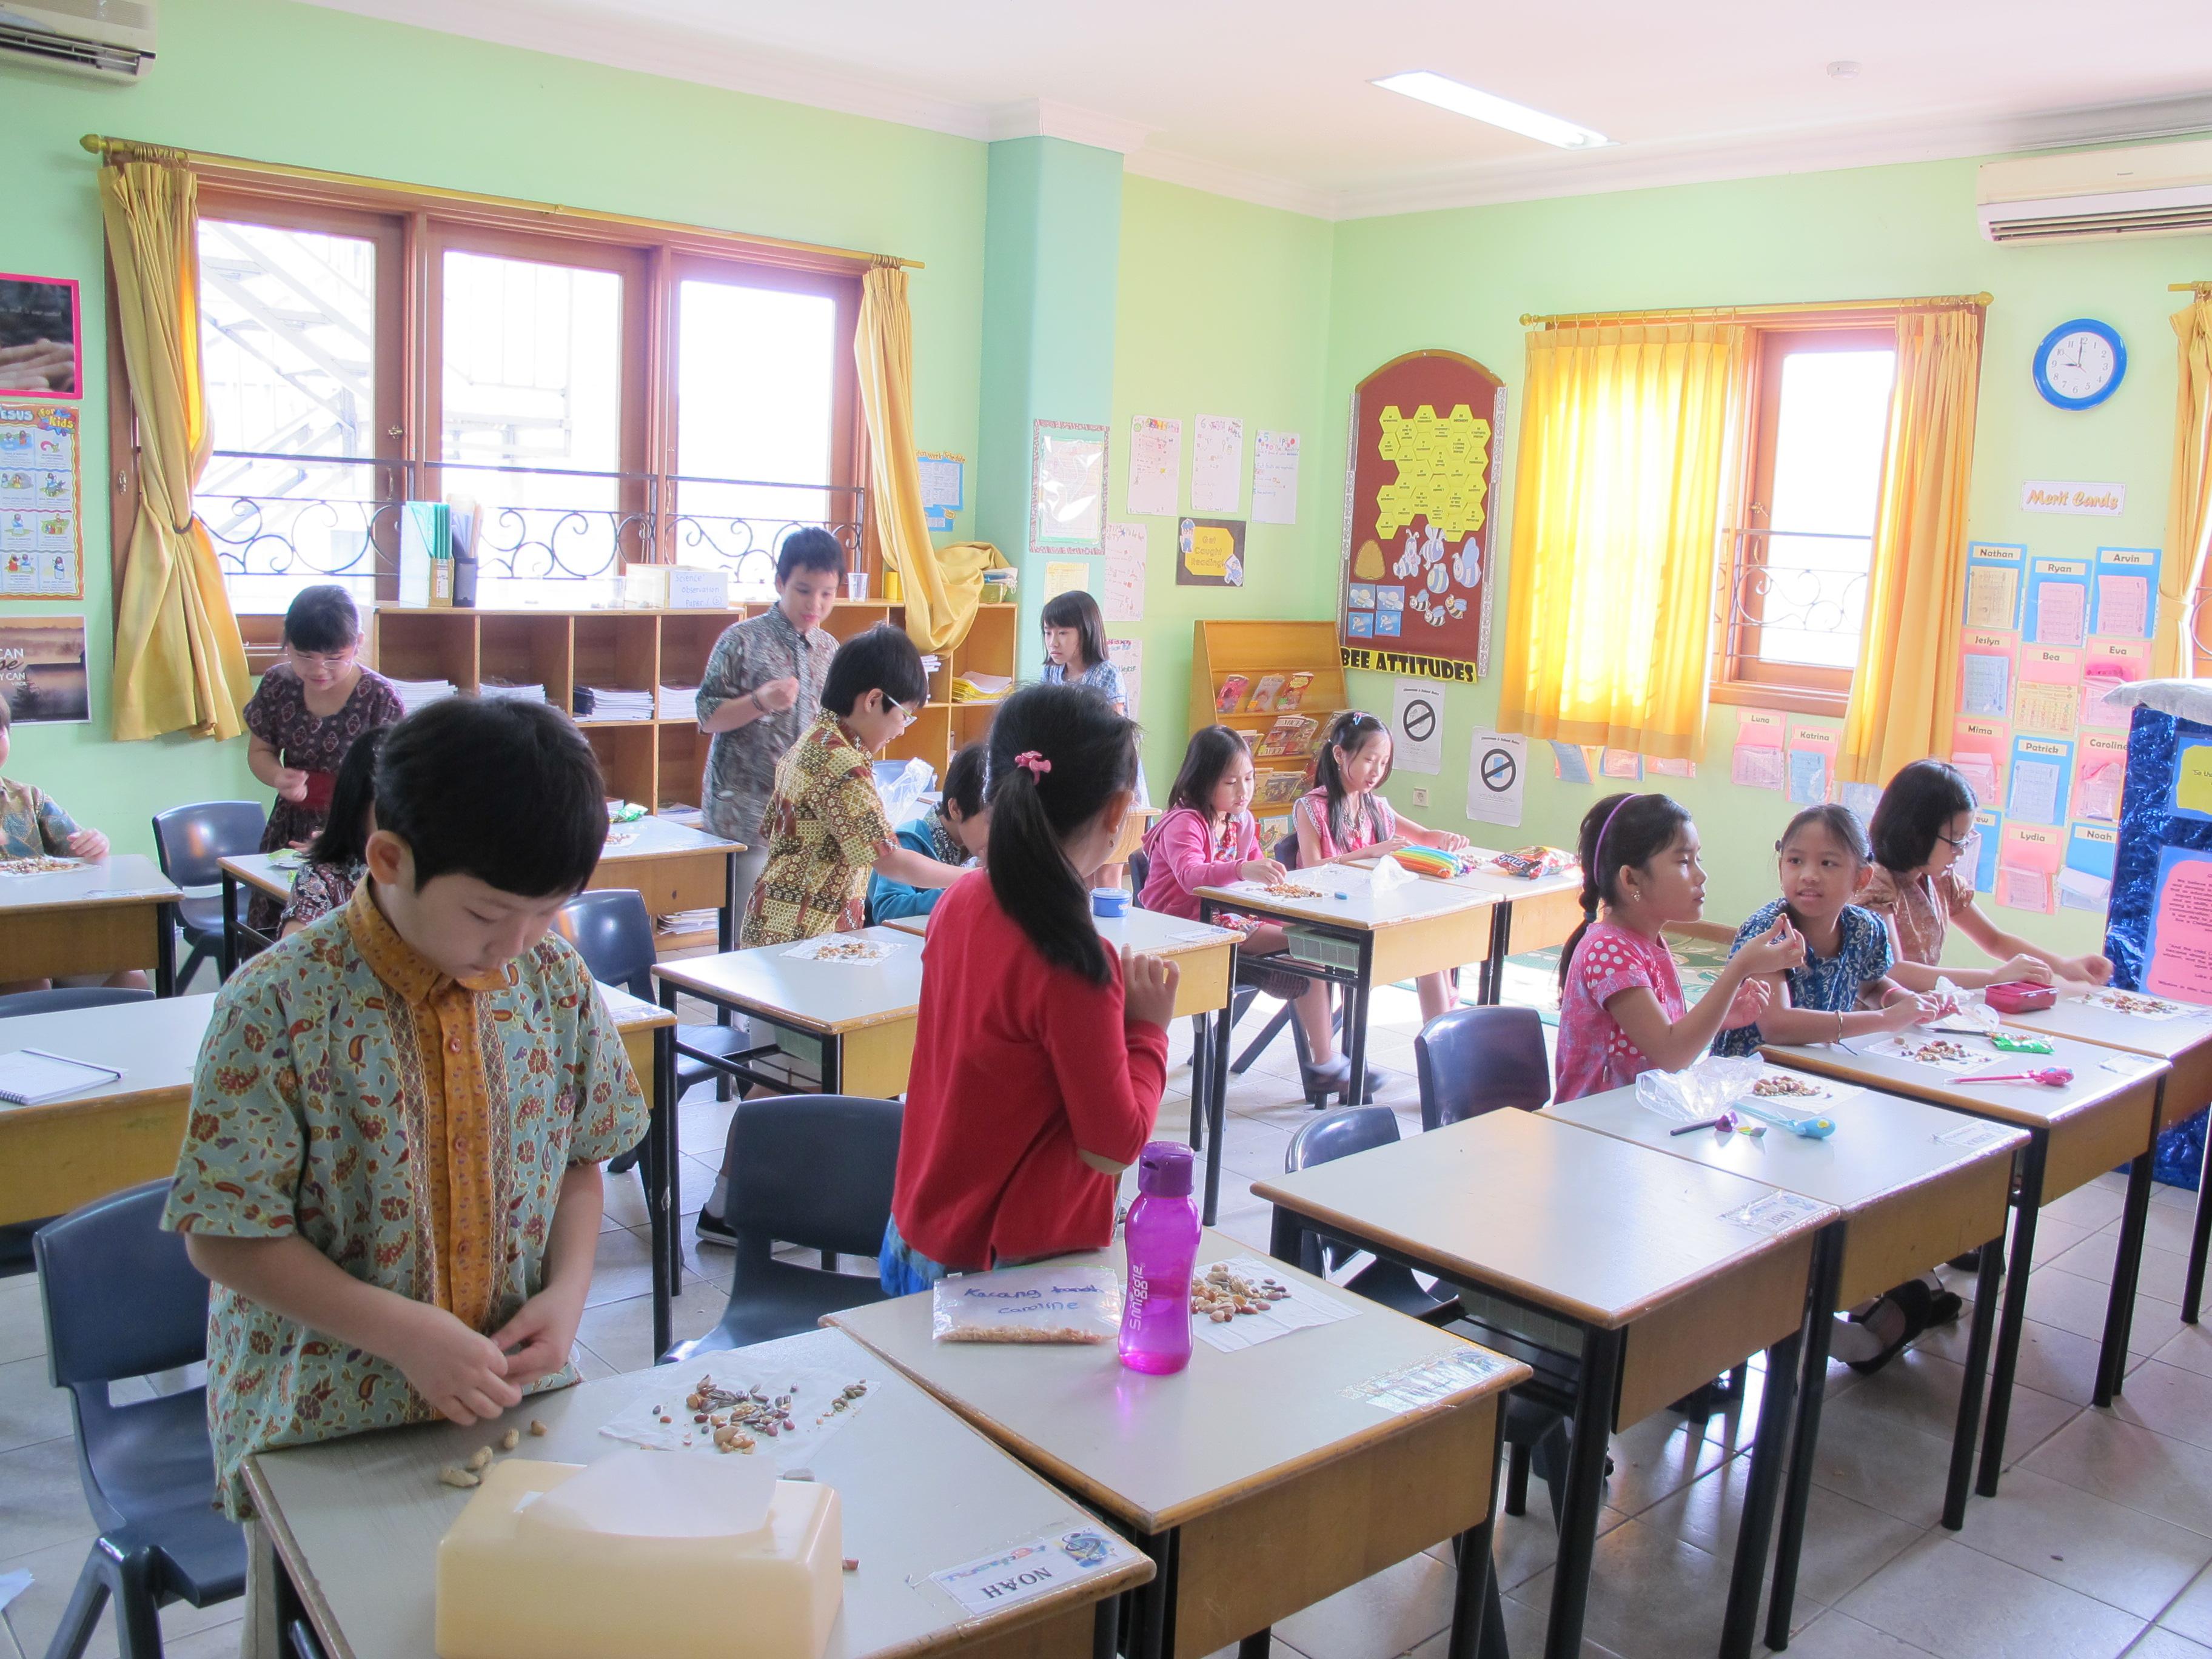 Primary Class Room